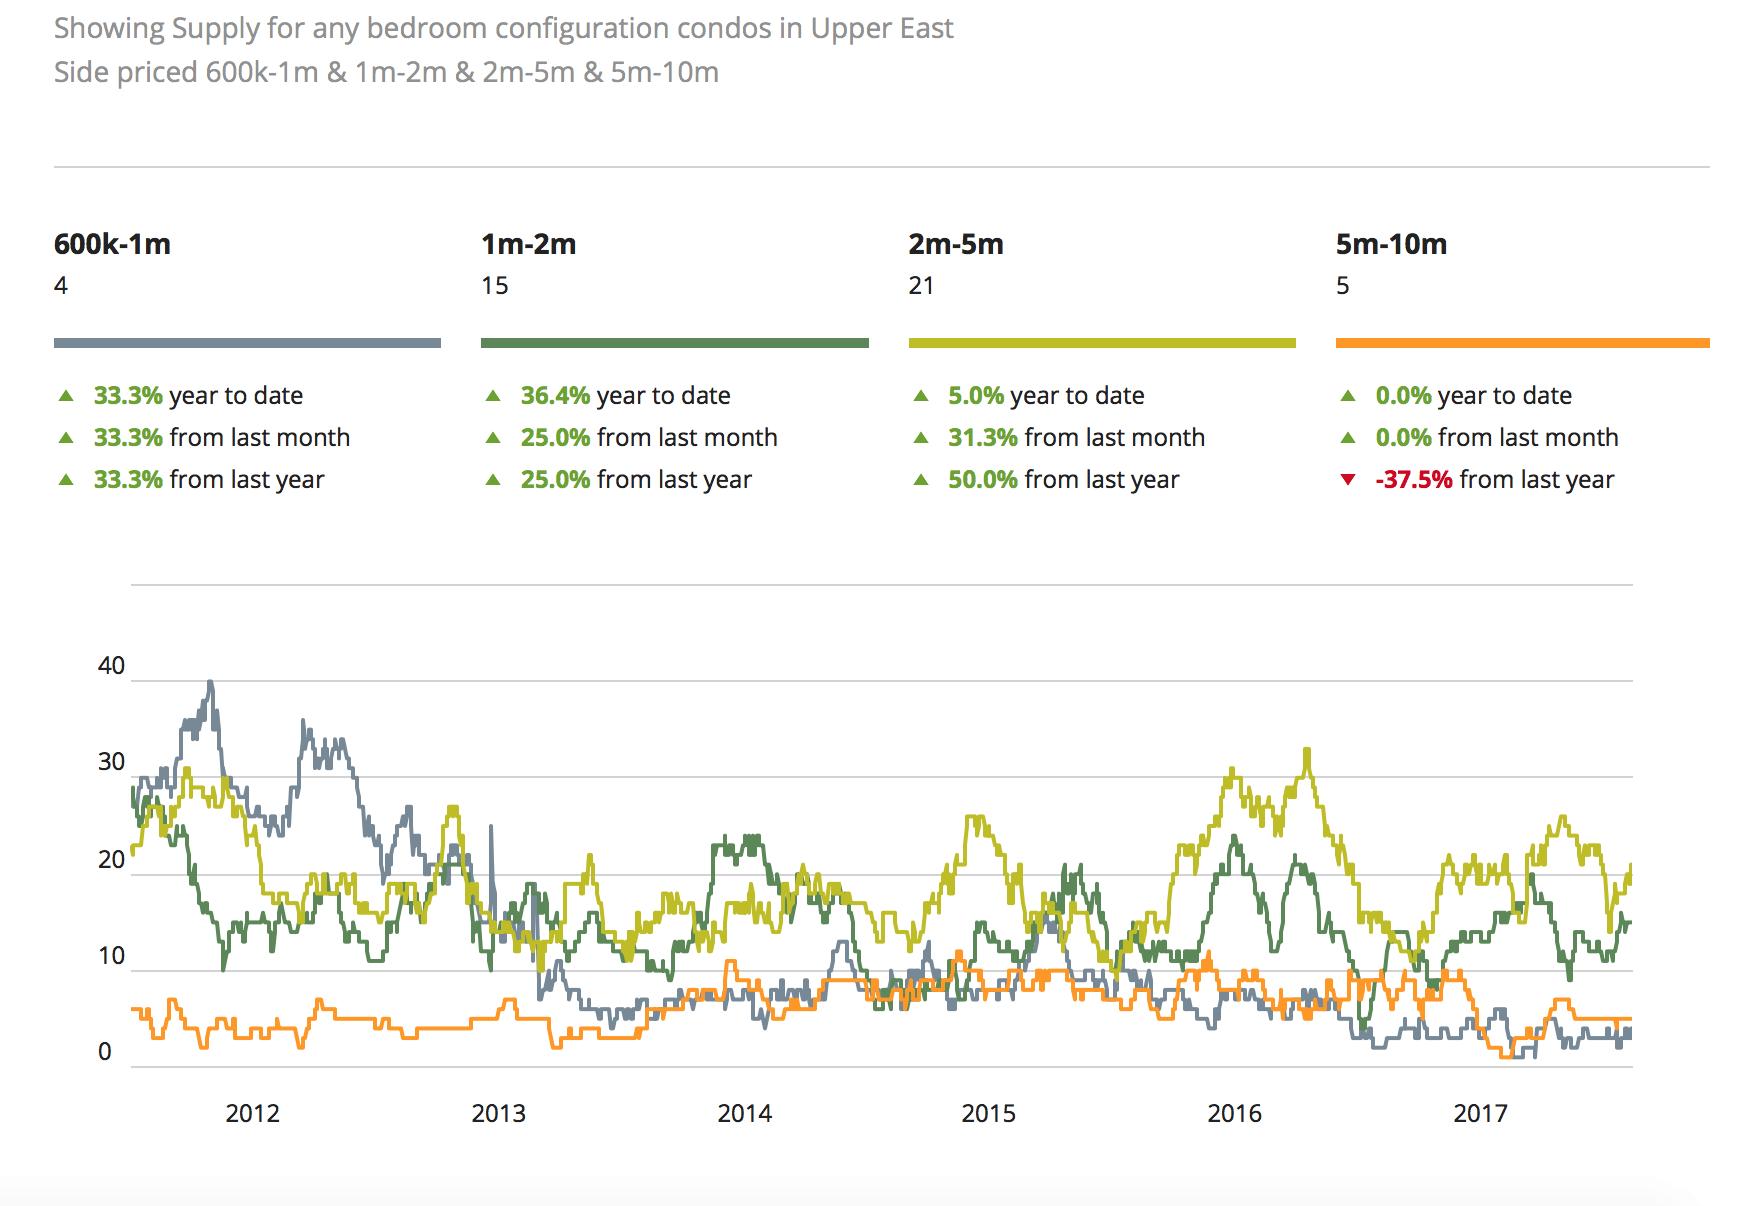 Les prix du marché immobilier de New York pour Upper East Side